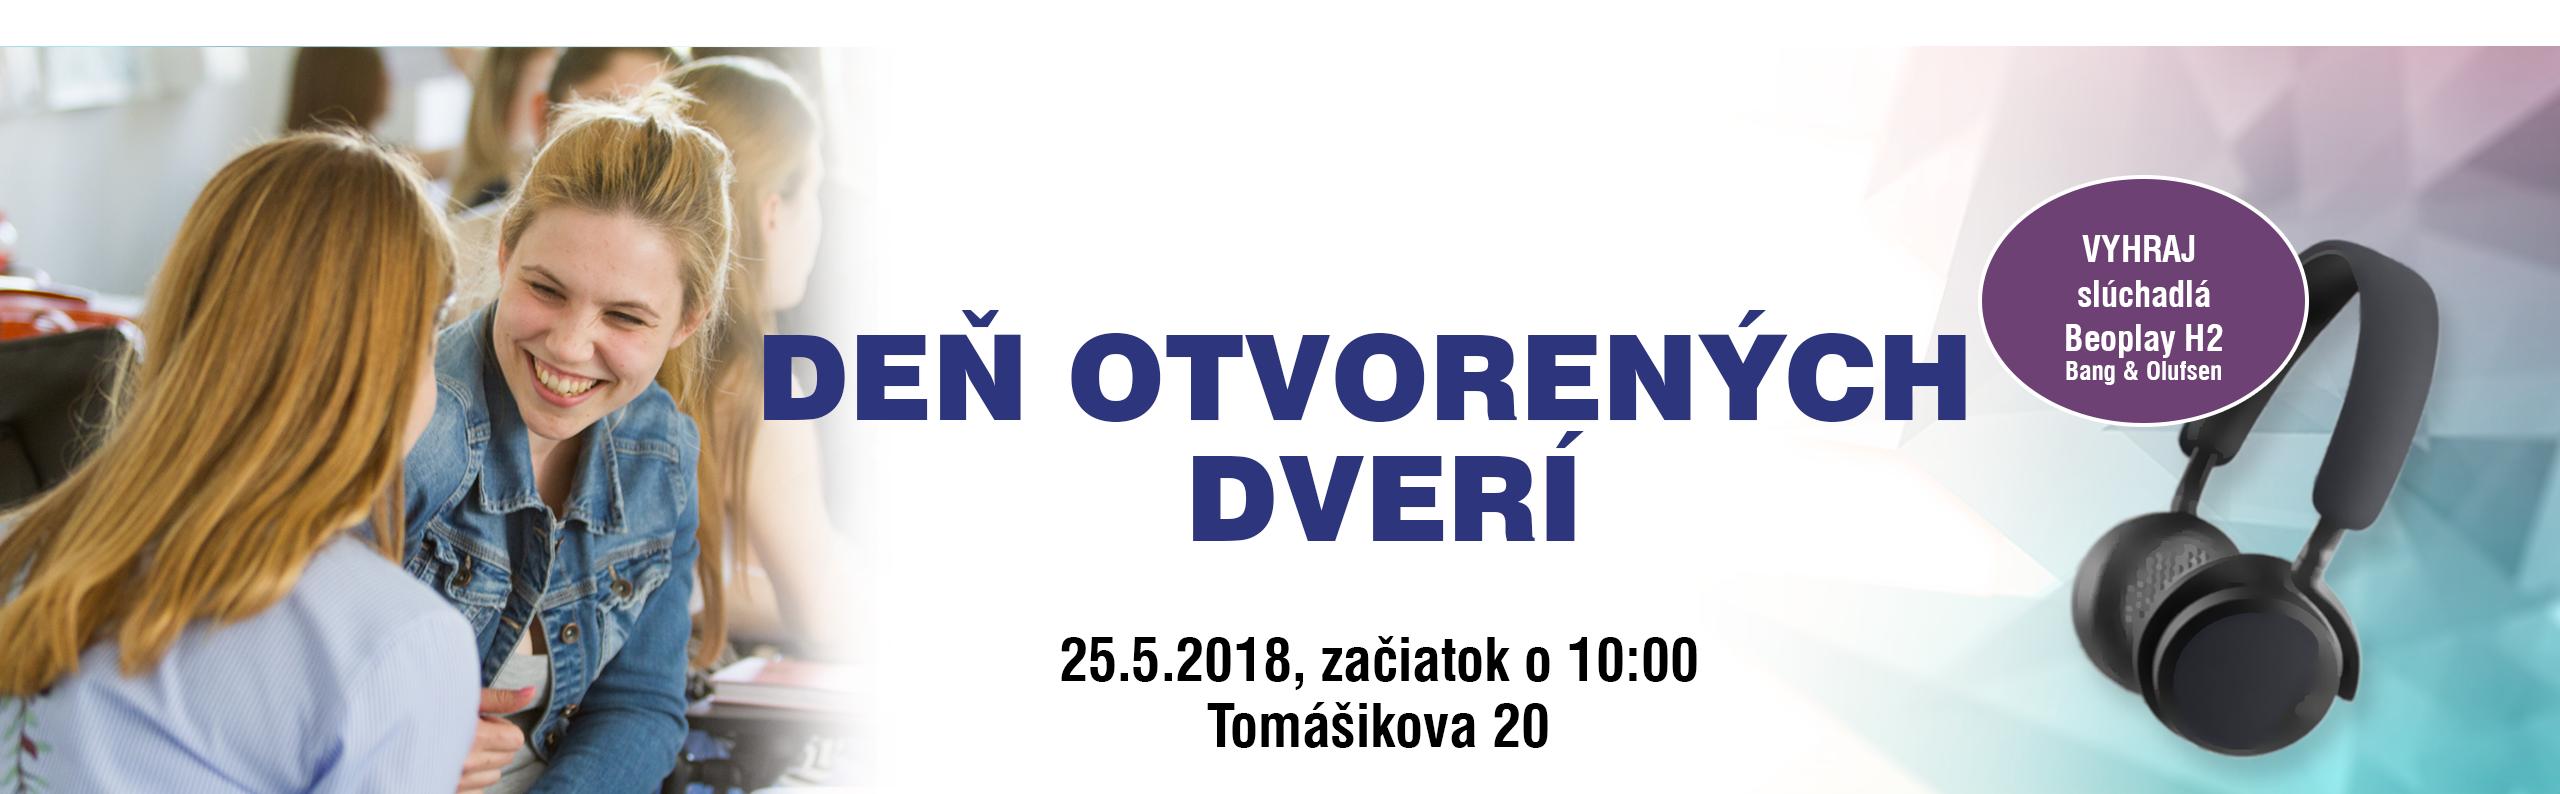 Príď na Deň otvorených dverí 25. mája o 10:00!